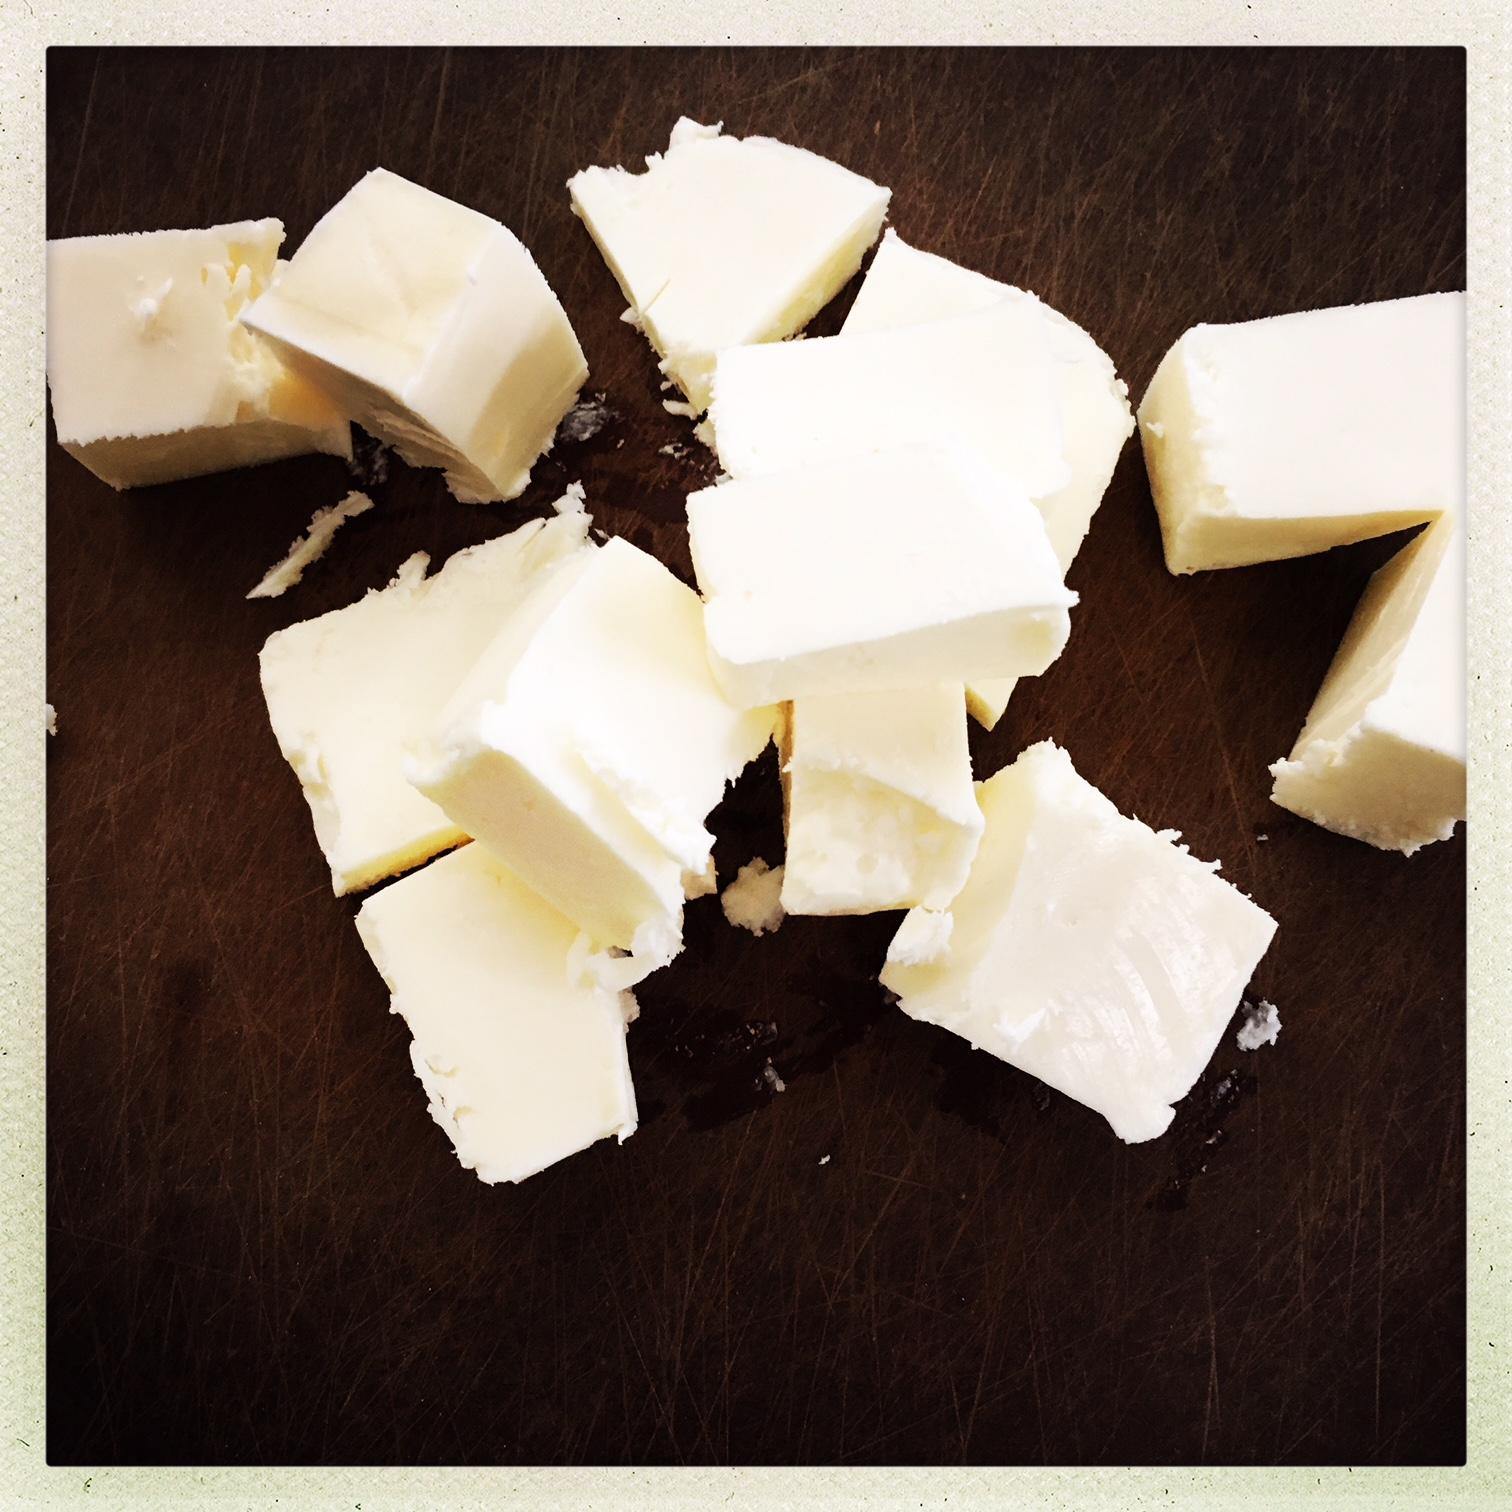 cubed butter.jpg